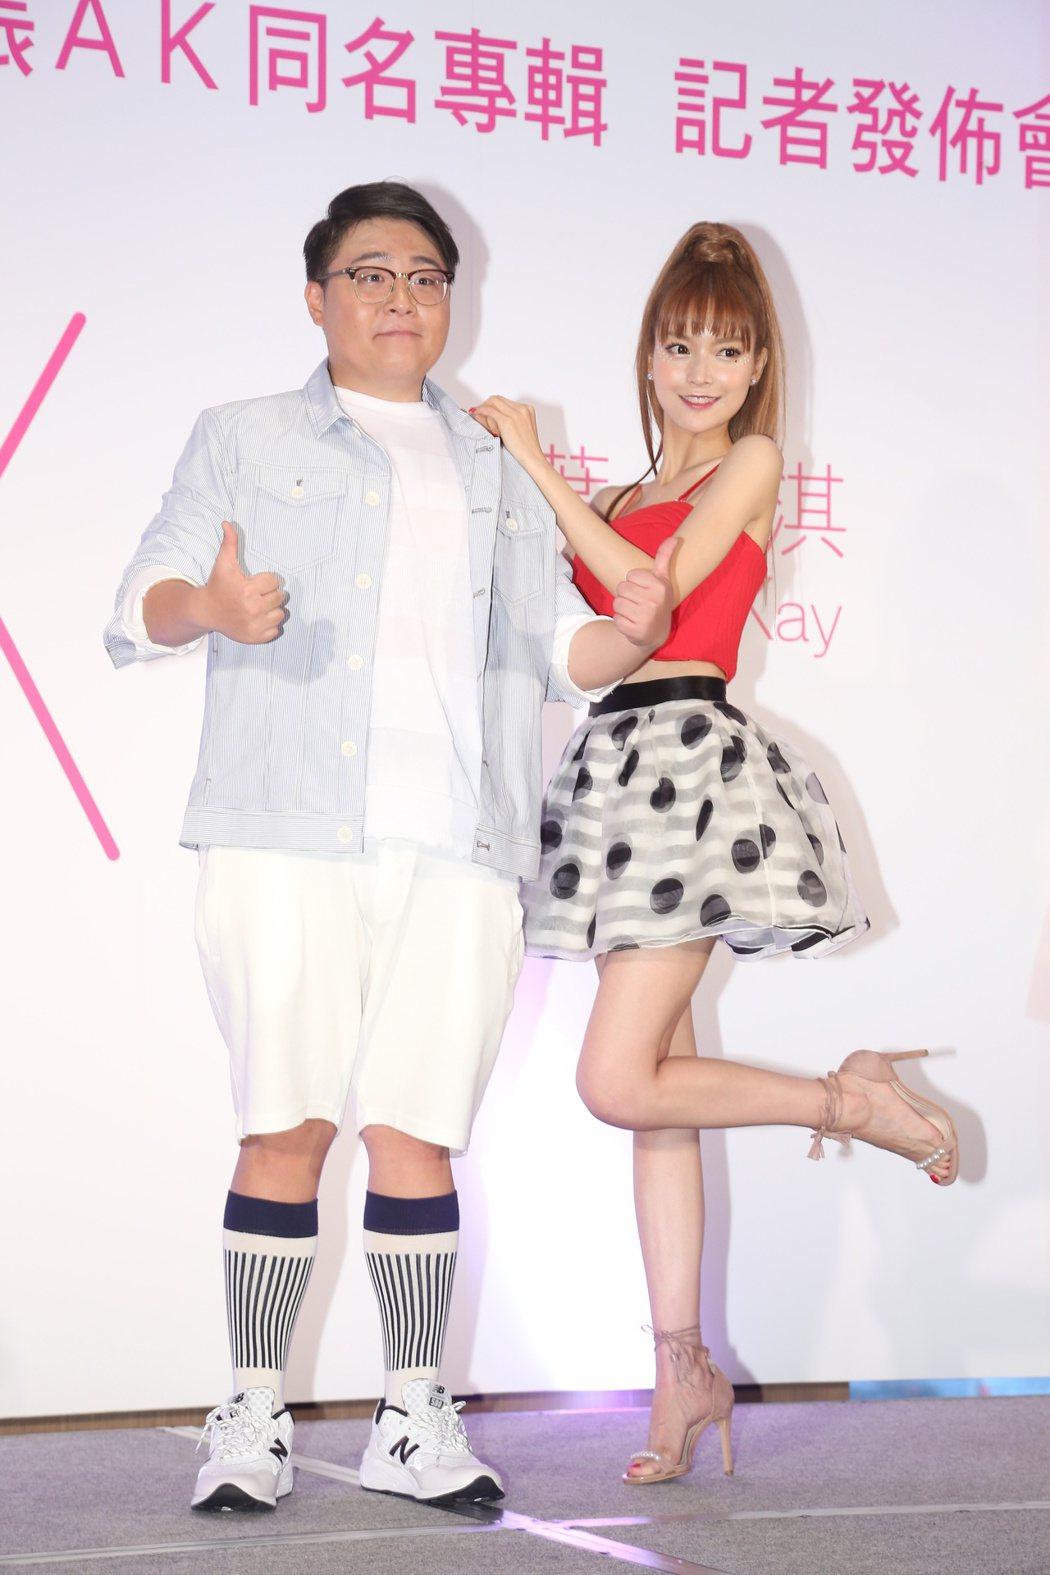 葉子淇(右)推出AK同名專輯,師兄郝劭文(左)站台。記者陳立凱/攝影